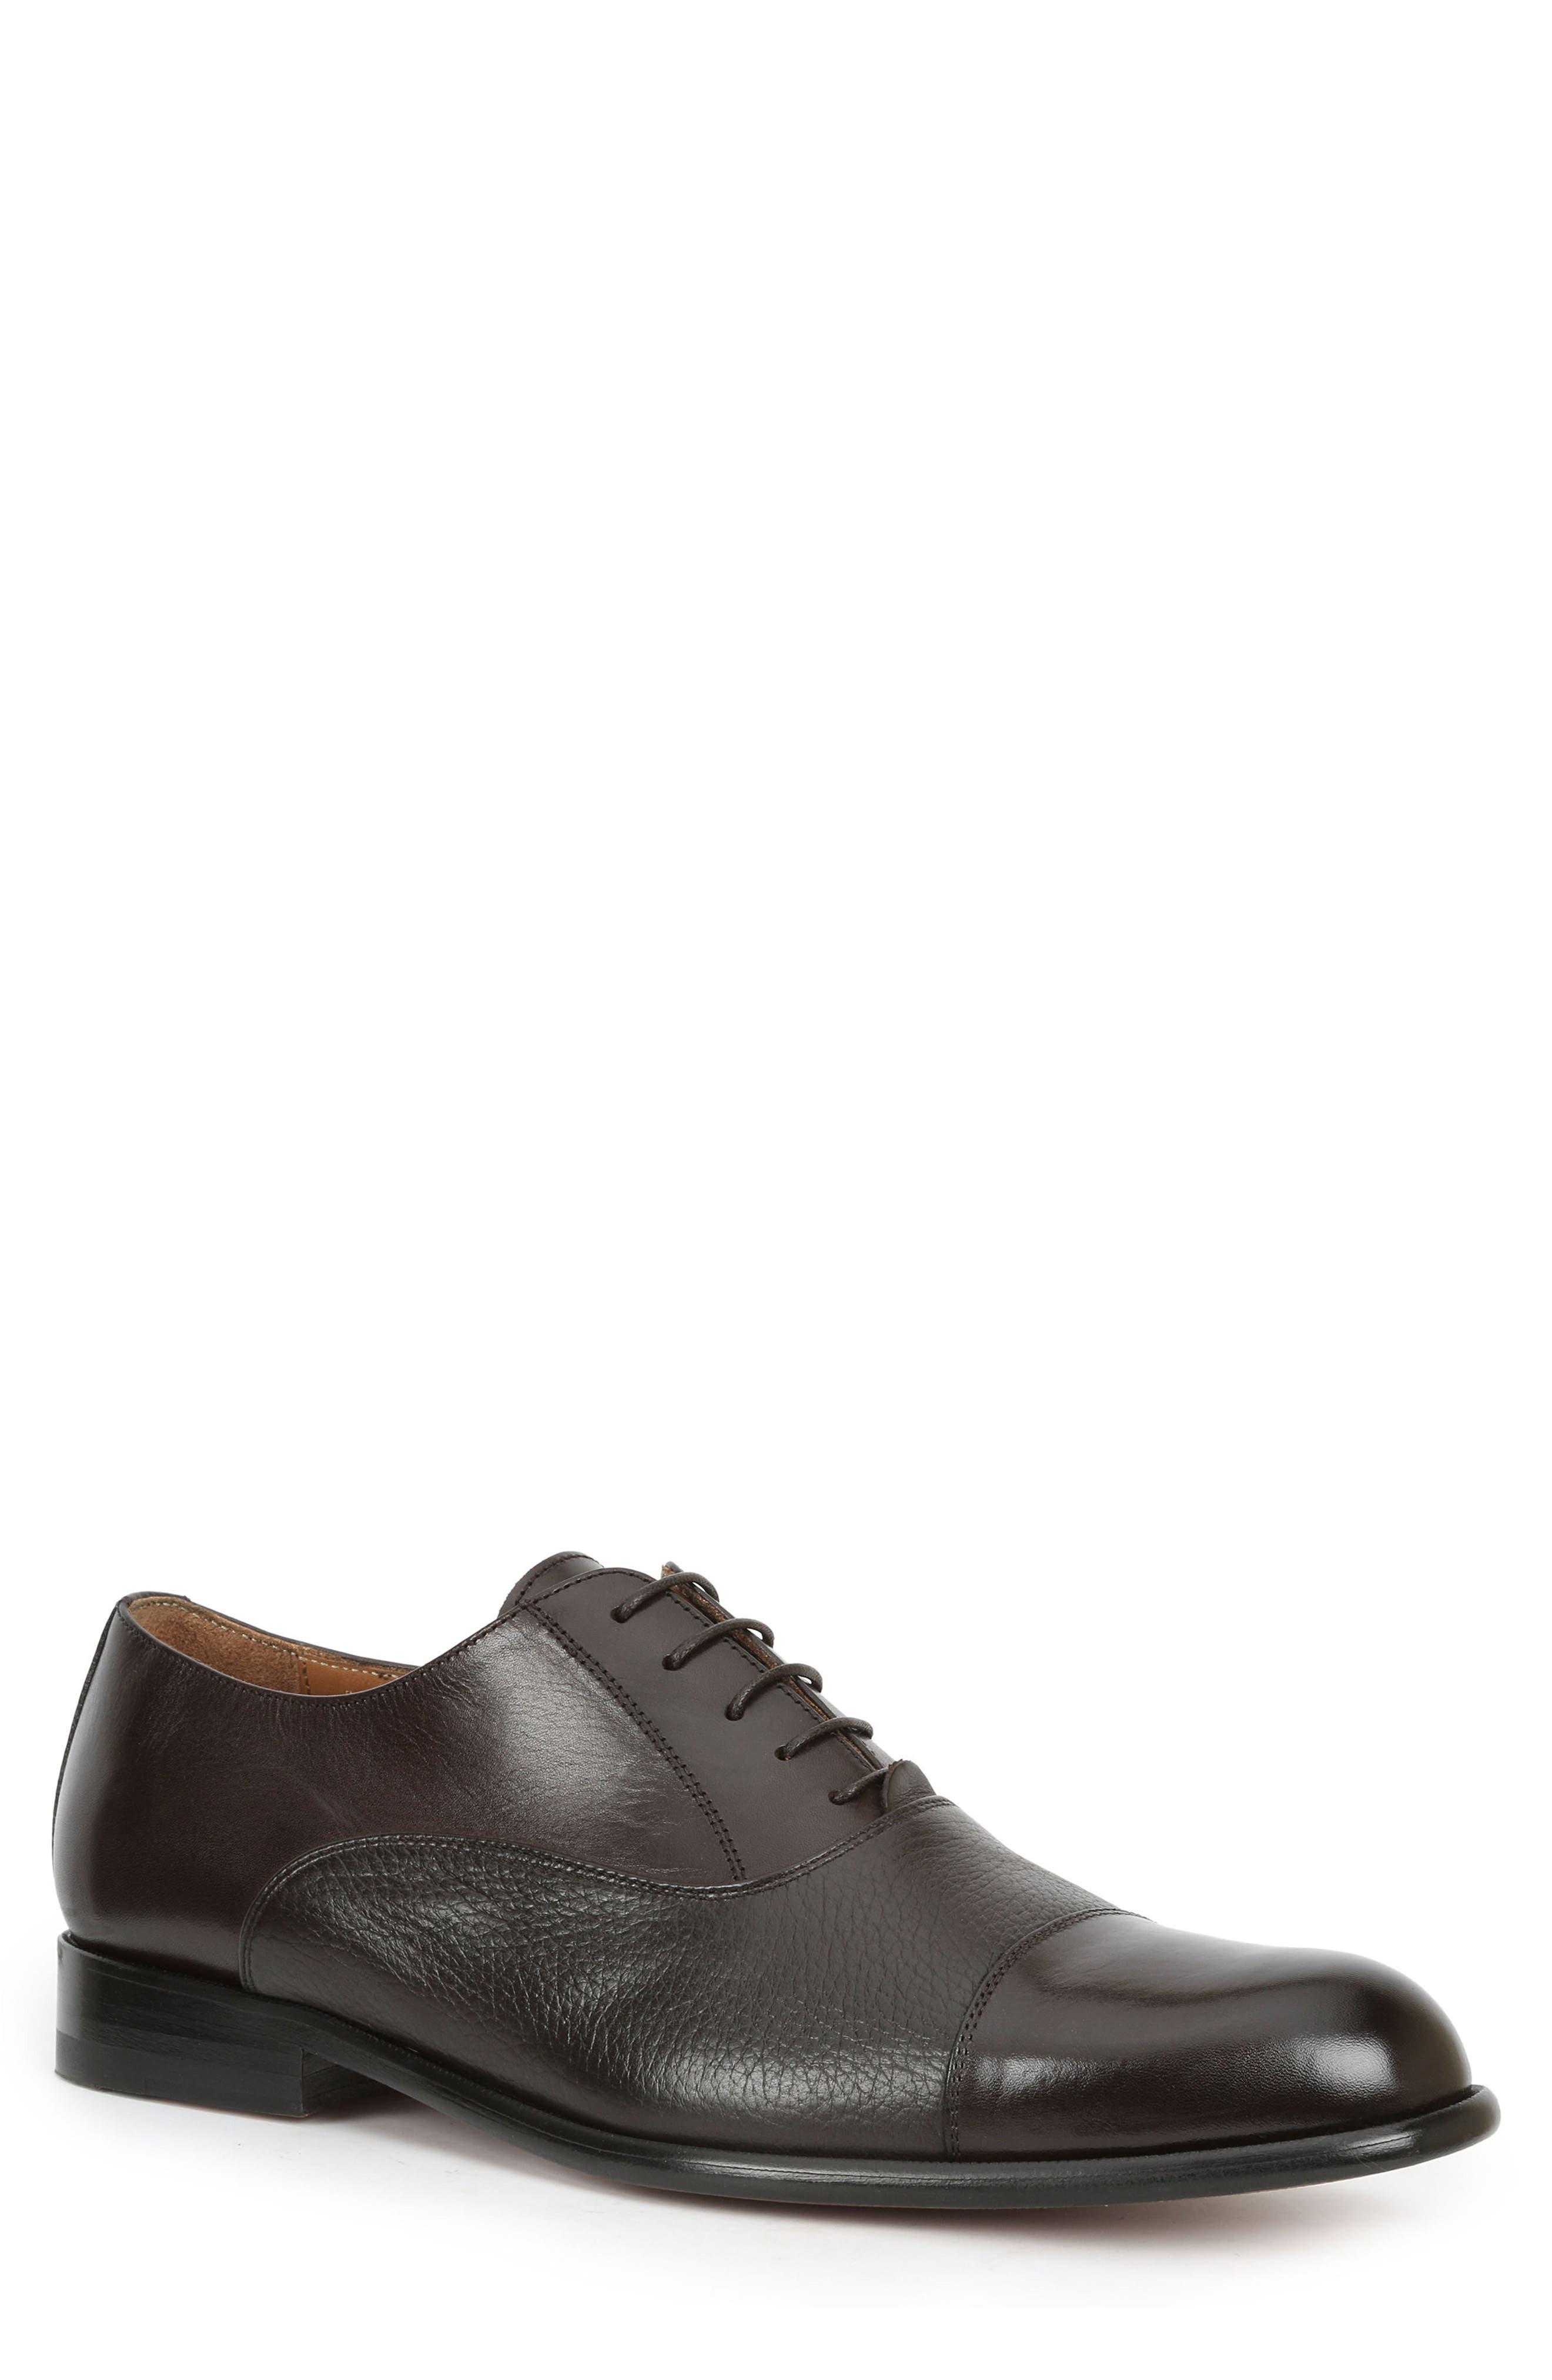 BRUNO MAGLI Gino Cap Toe Leather Oxfords